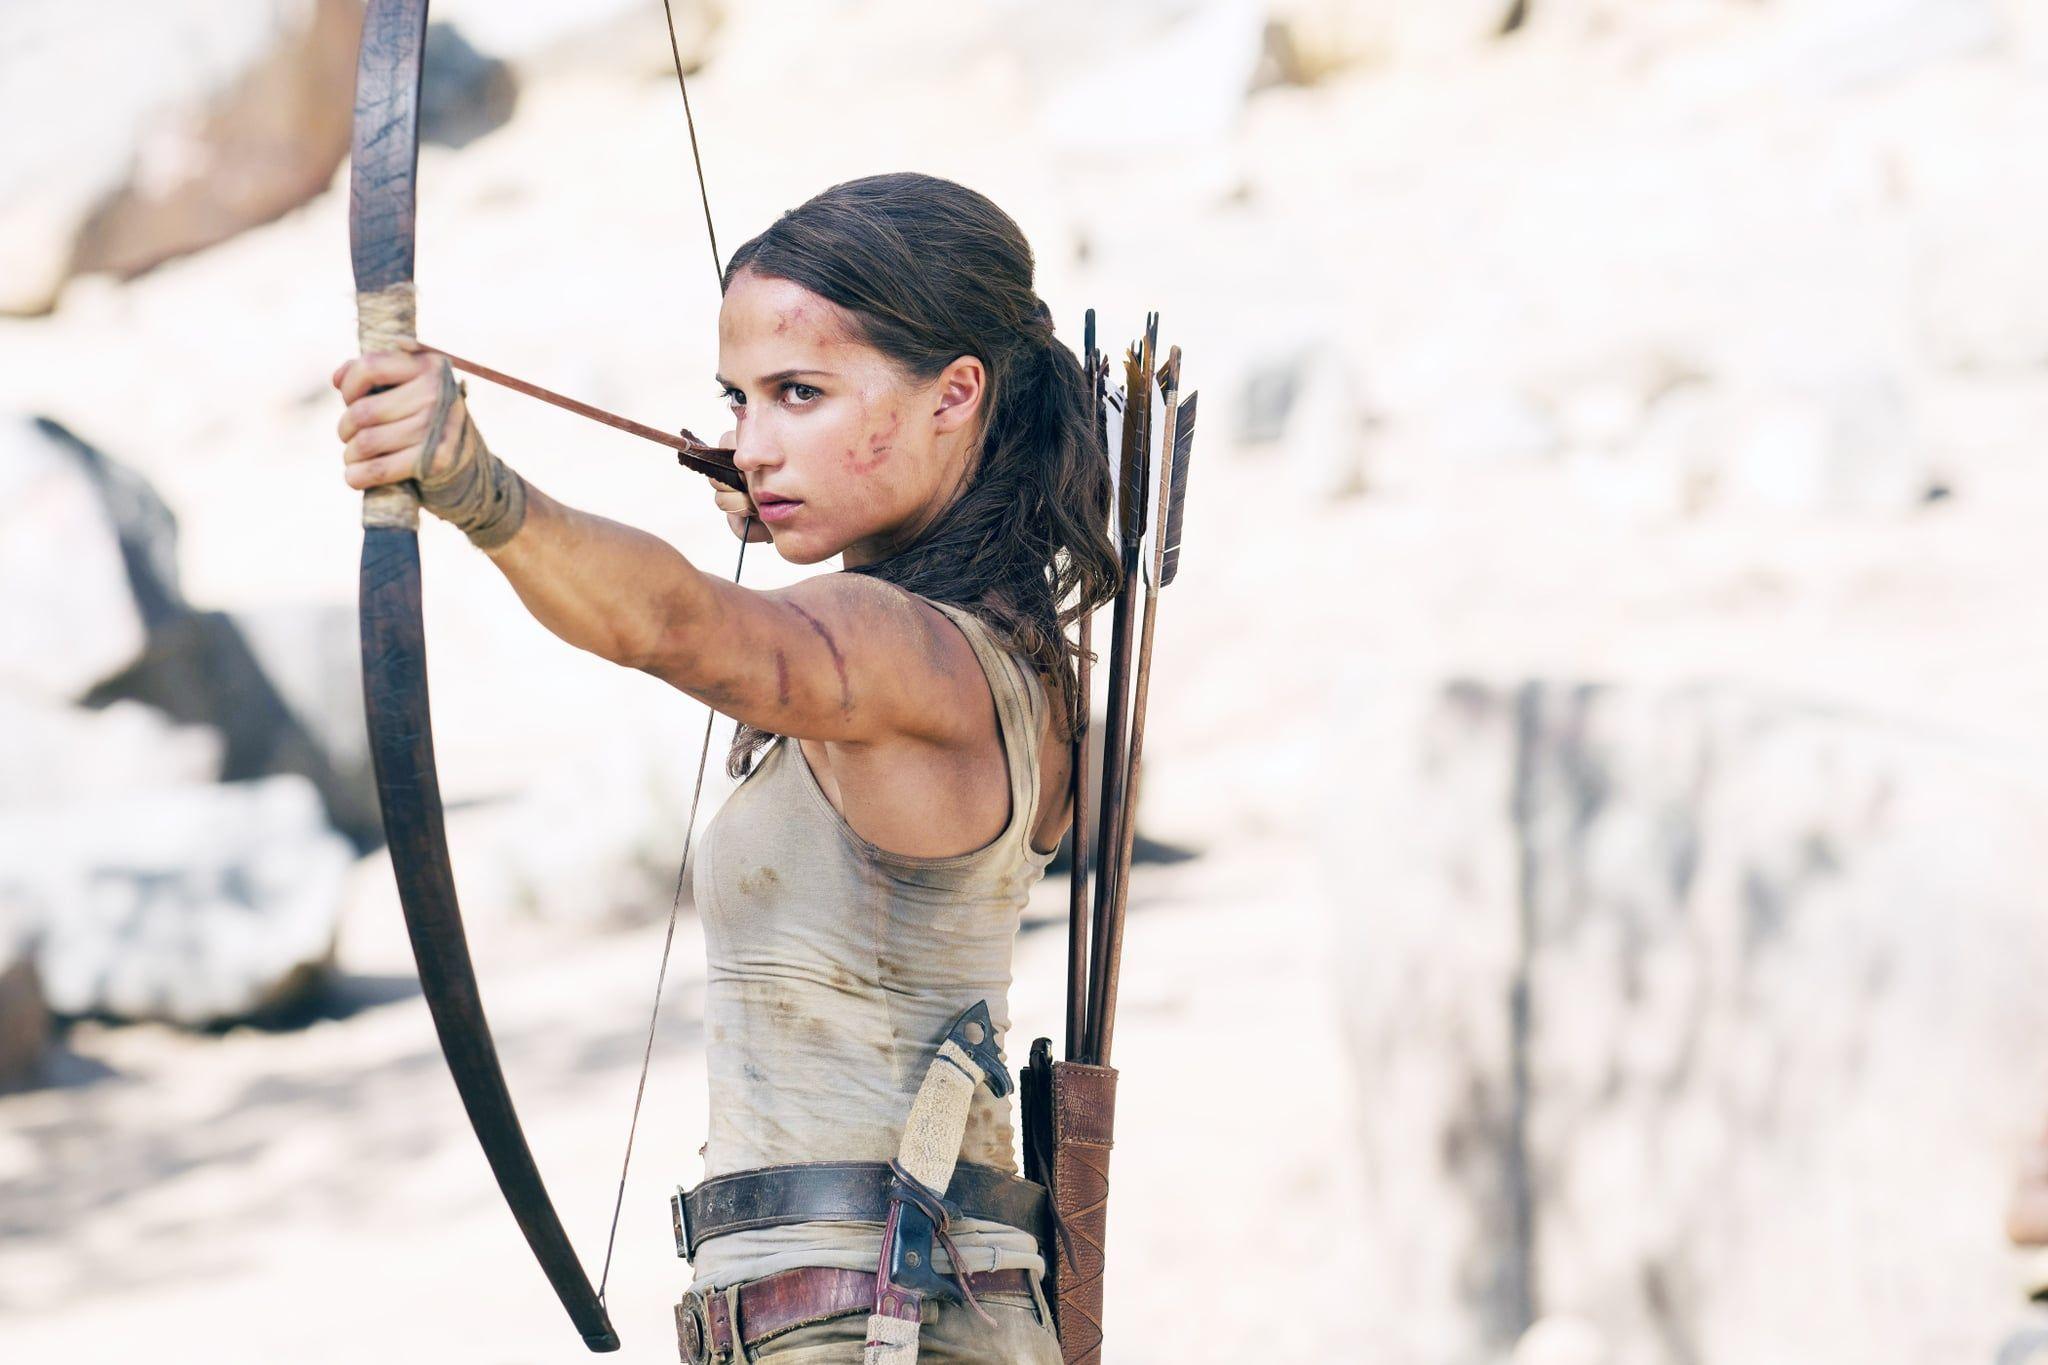 Lara Croft From Tomb Raider Tomb raider movie, Female